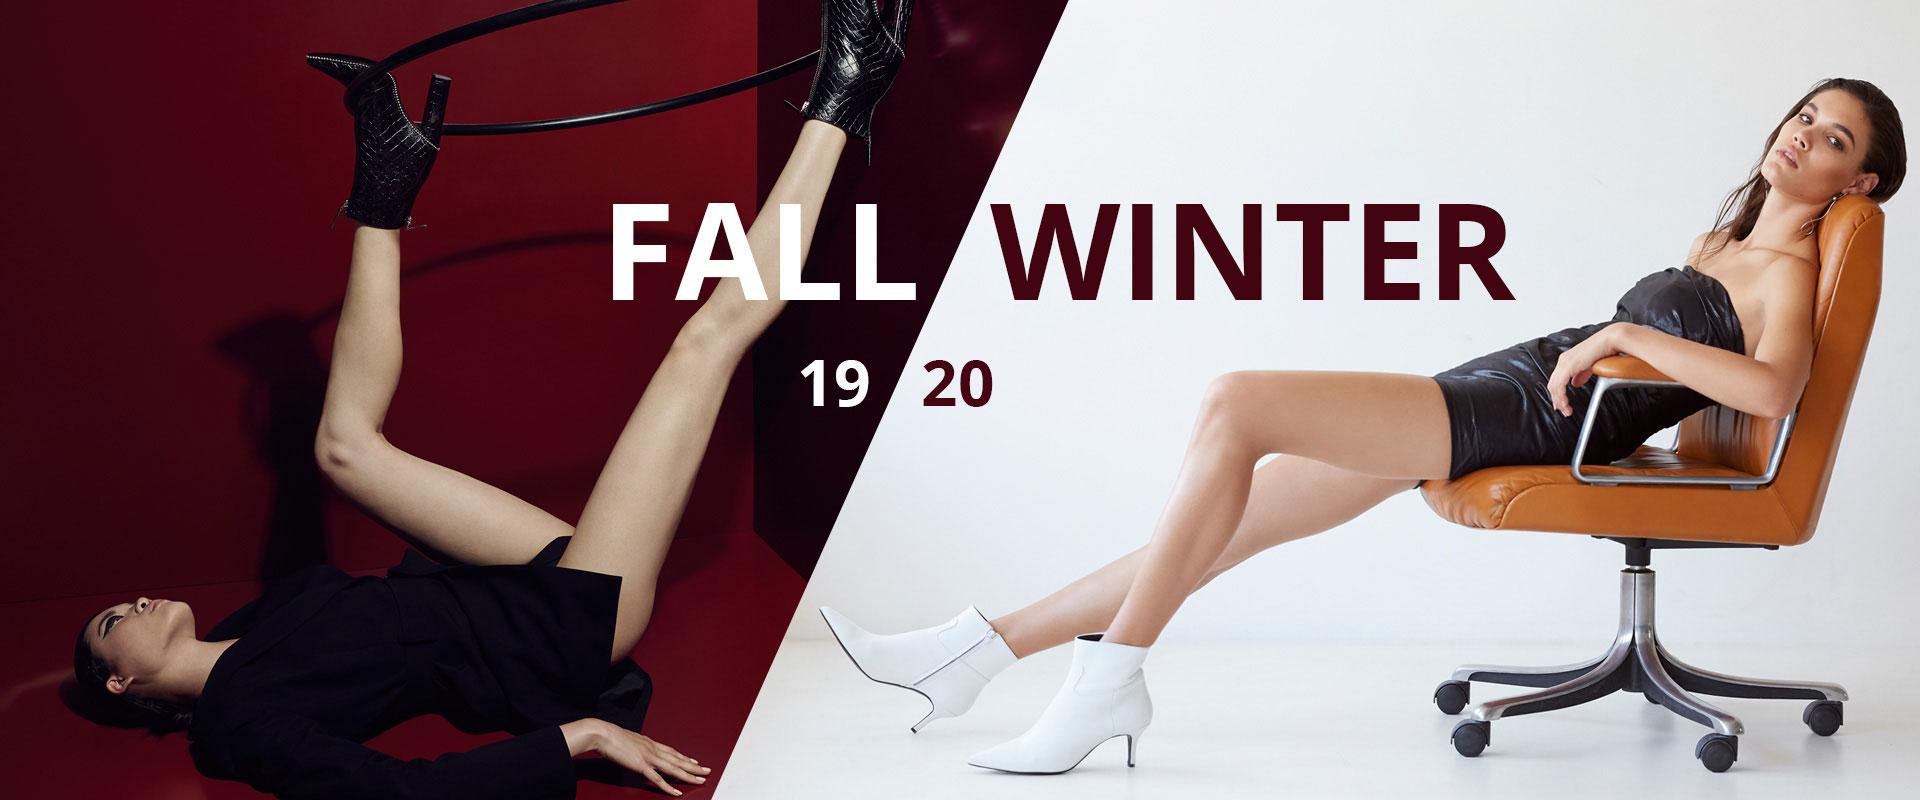 Nueva temporada otoño-invierno  Exé Shoes 2019/2020